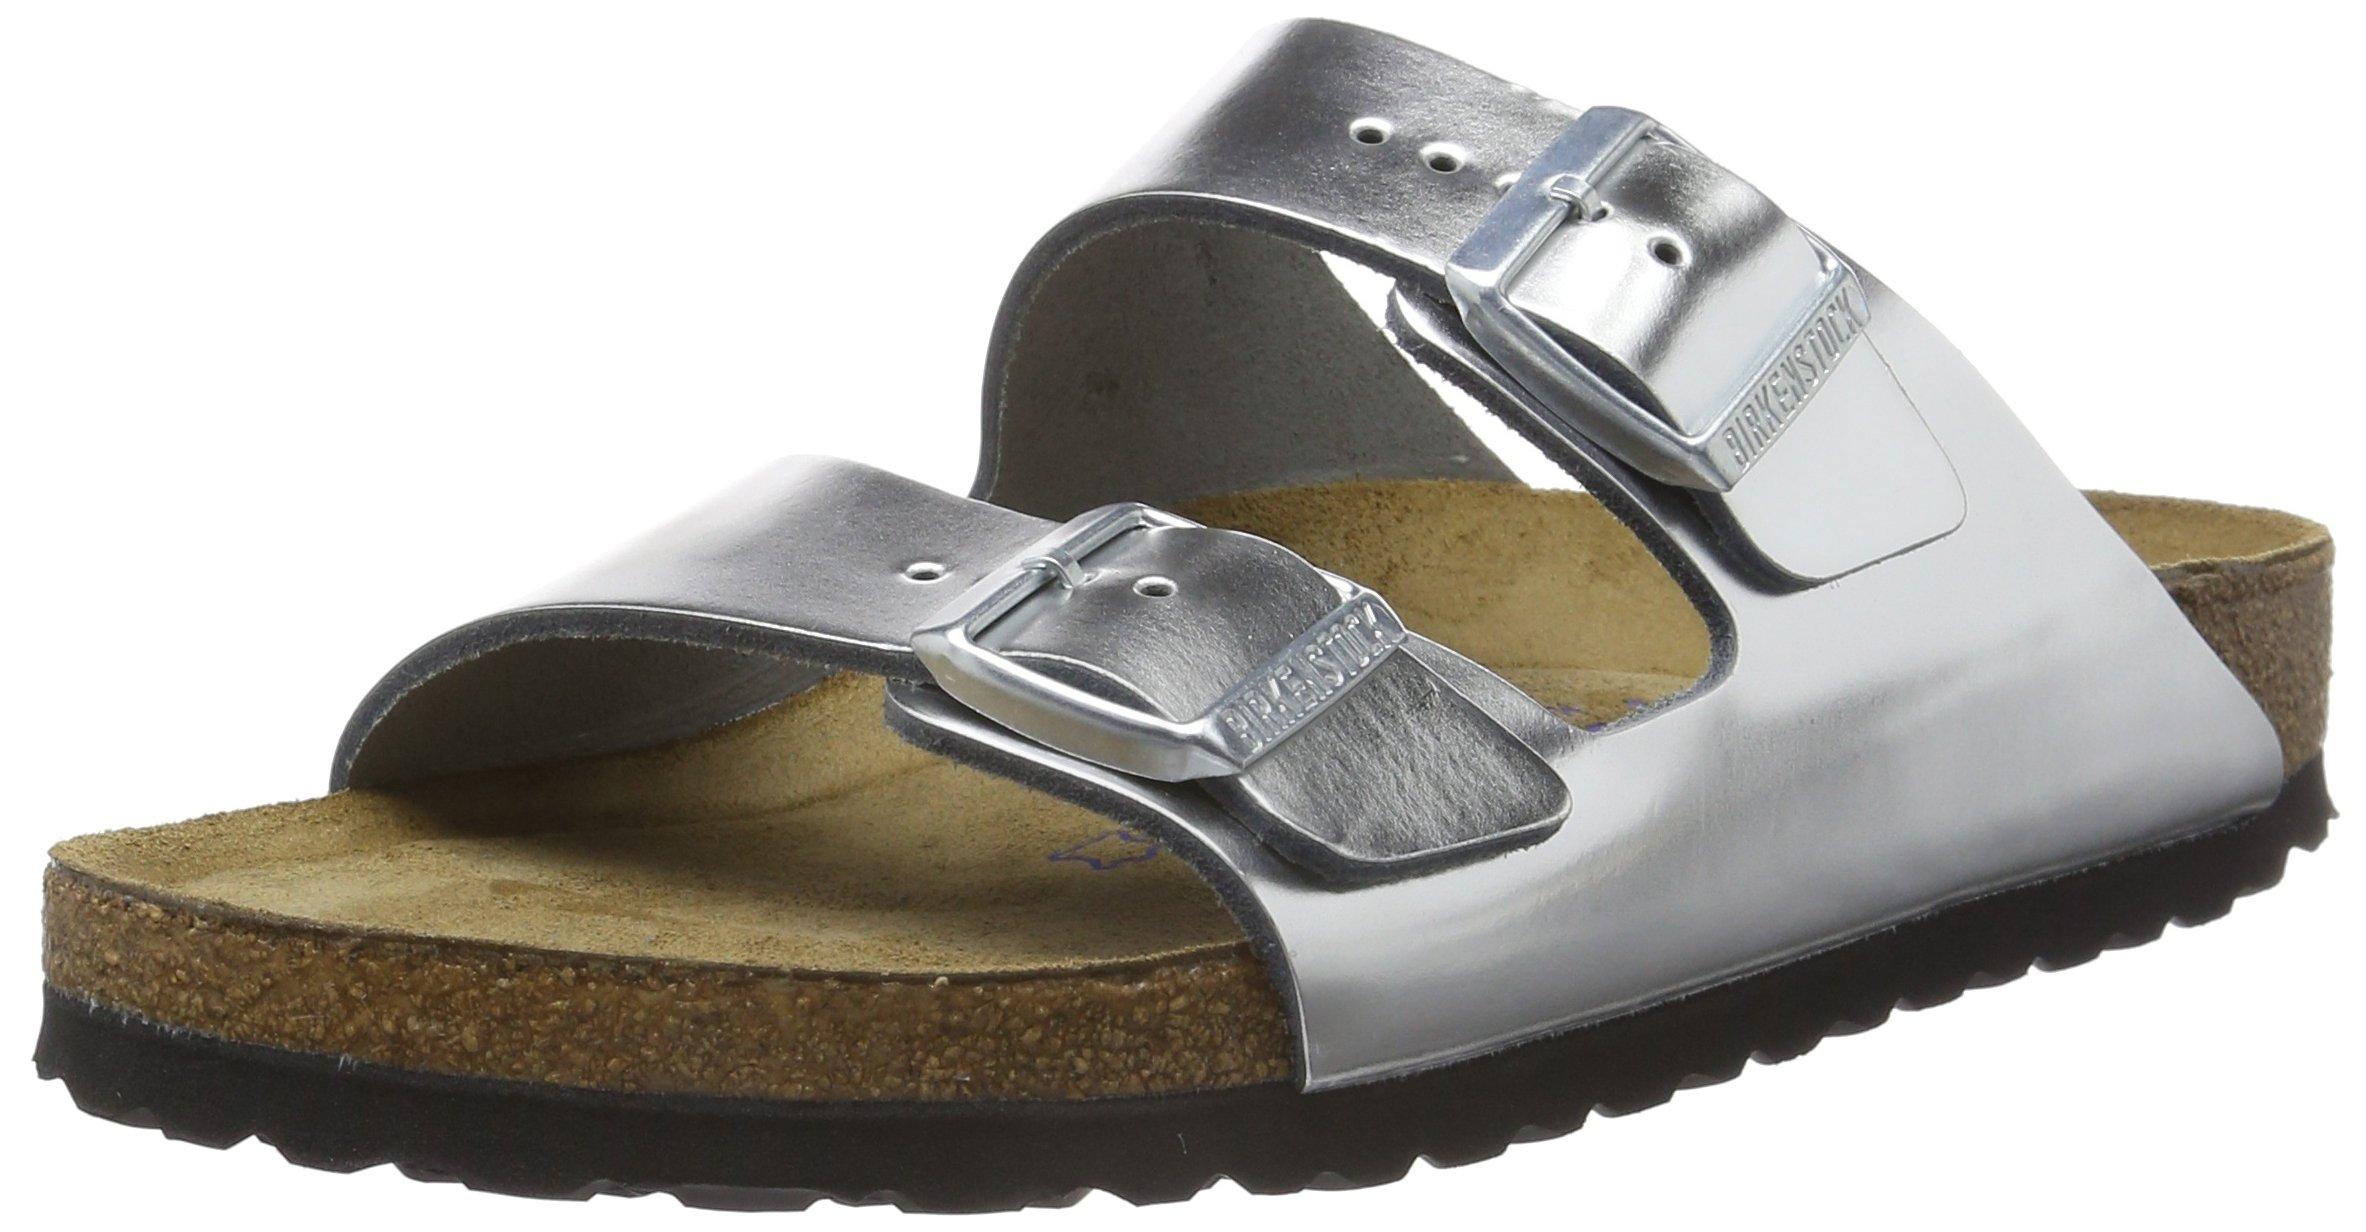 Birkenstock womens Arizona in Metallic Silver from Leather Sandals 39.0 EU N by Birkenstock